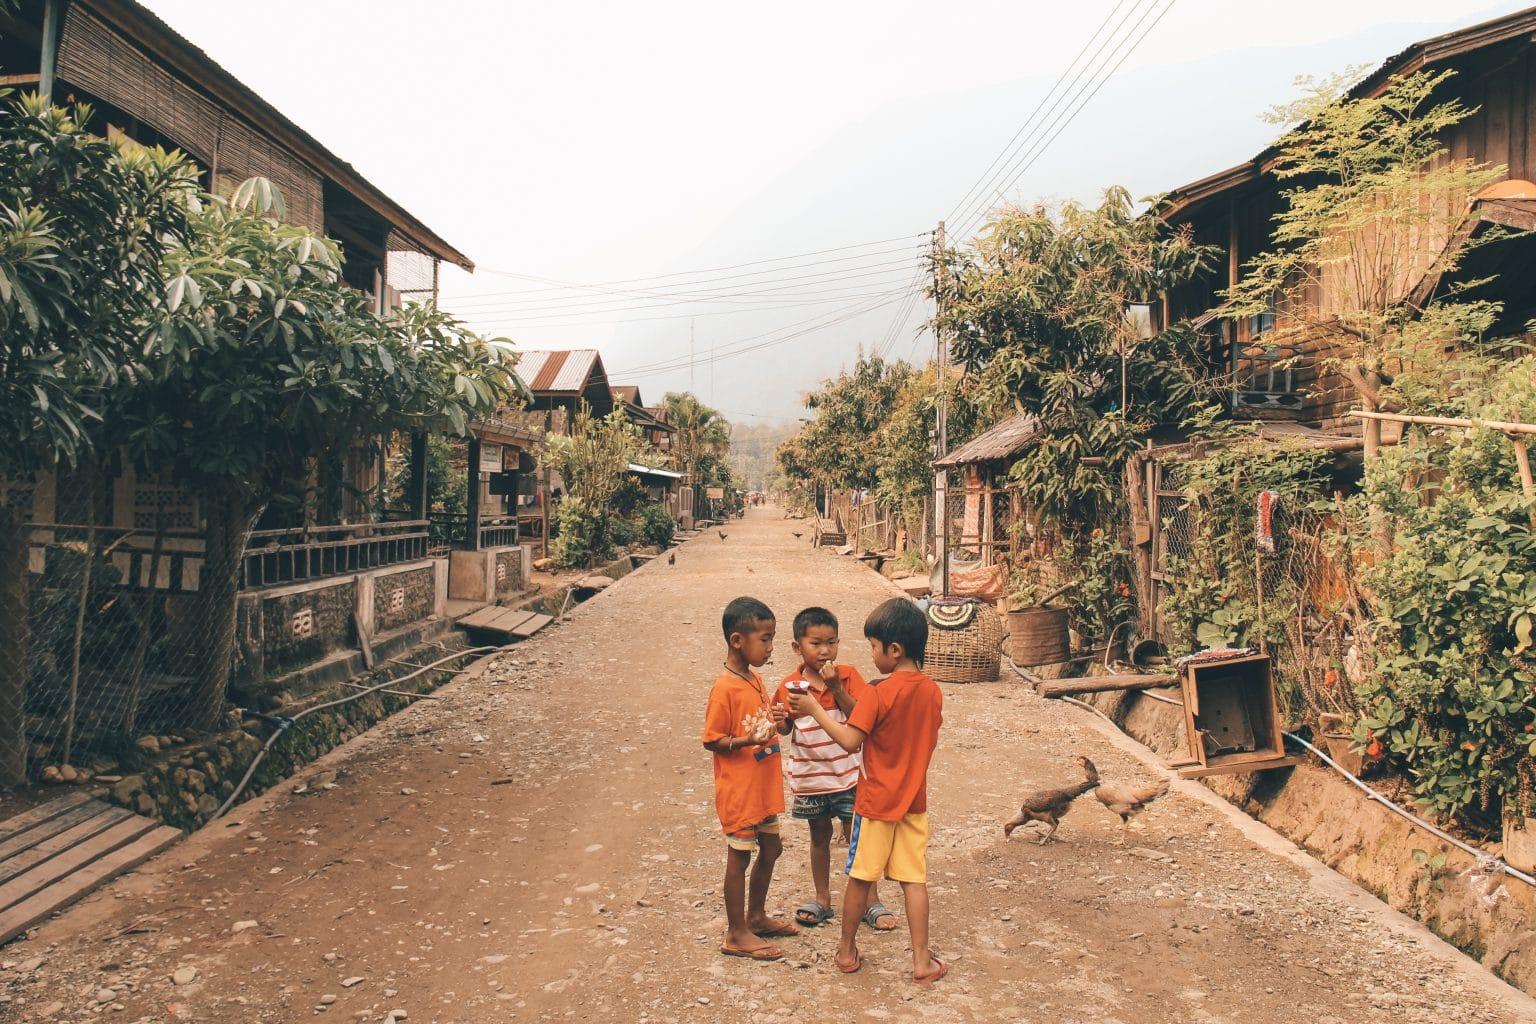 De lange straat van het dorpje Muang Ngoy. Spelende kinderen en kippen all over the place!